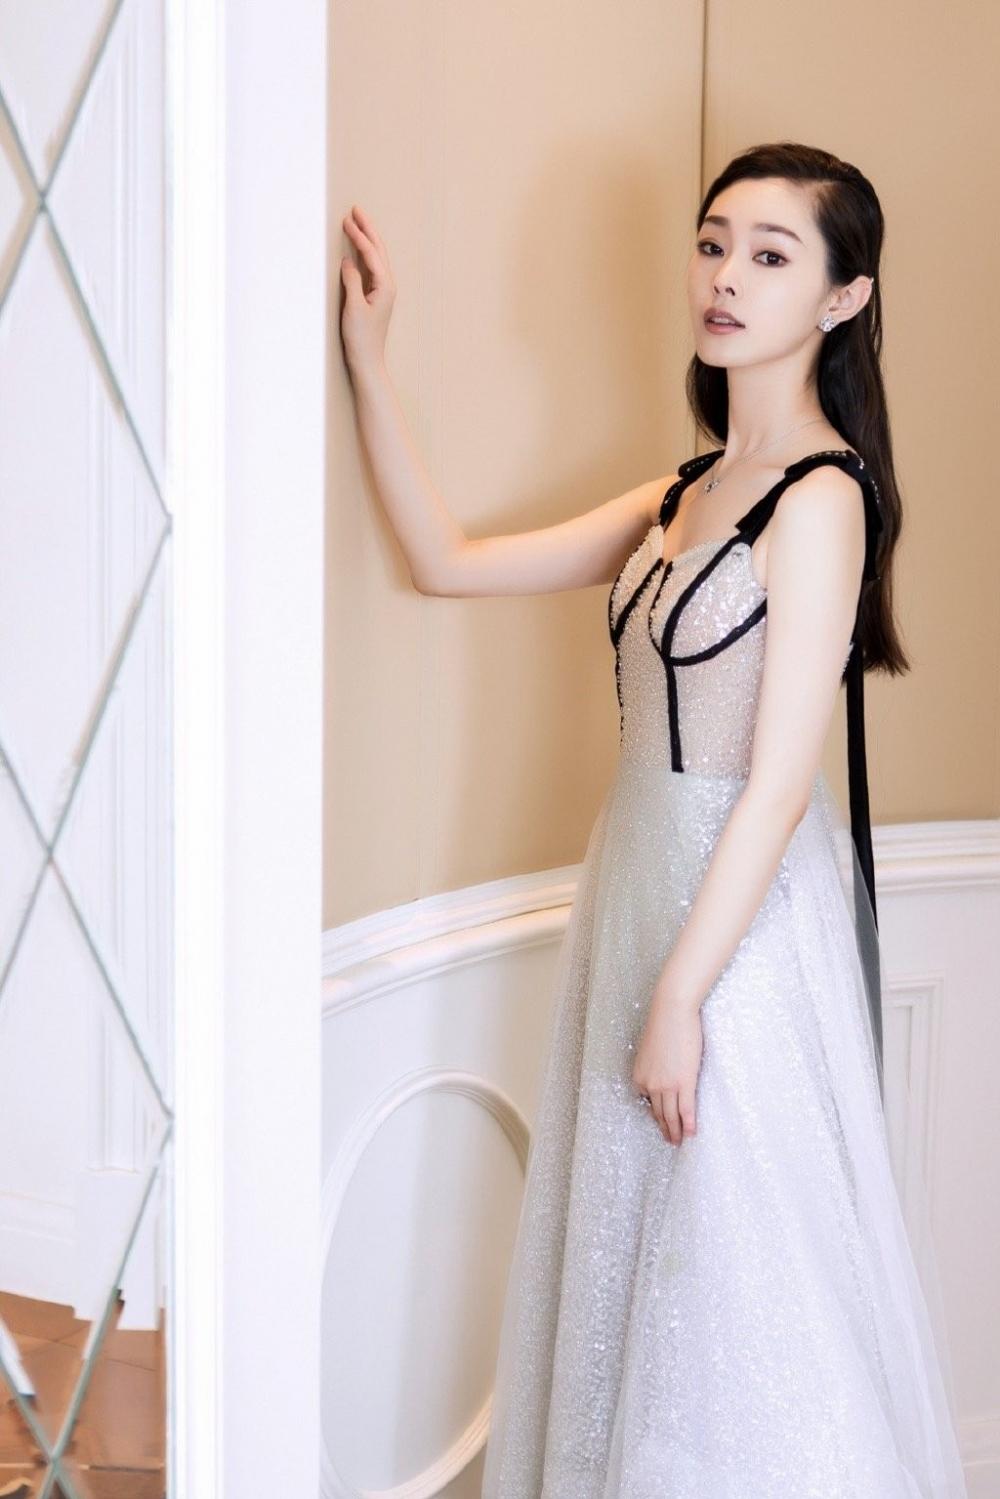 长腿可爱美女校花王新颖游乐园写真